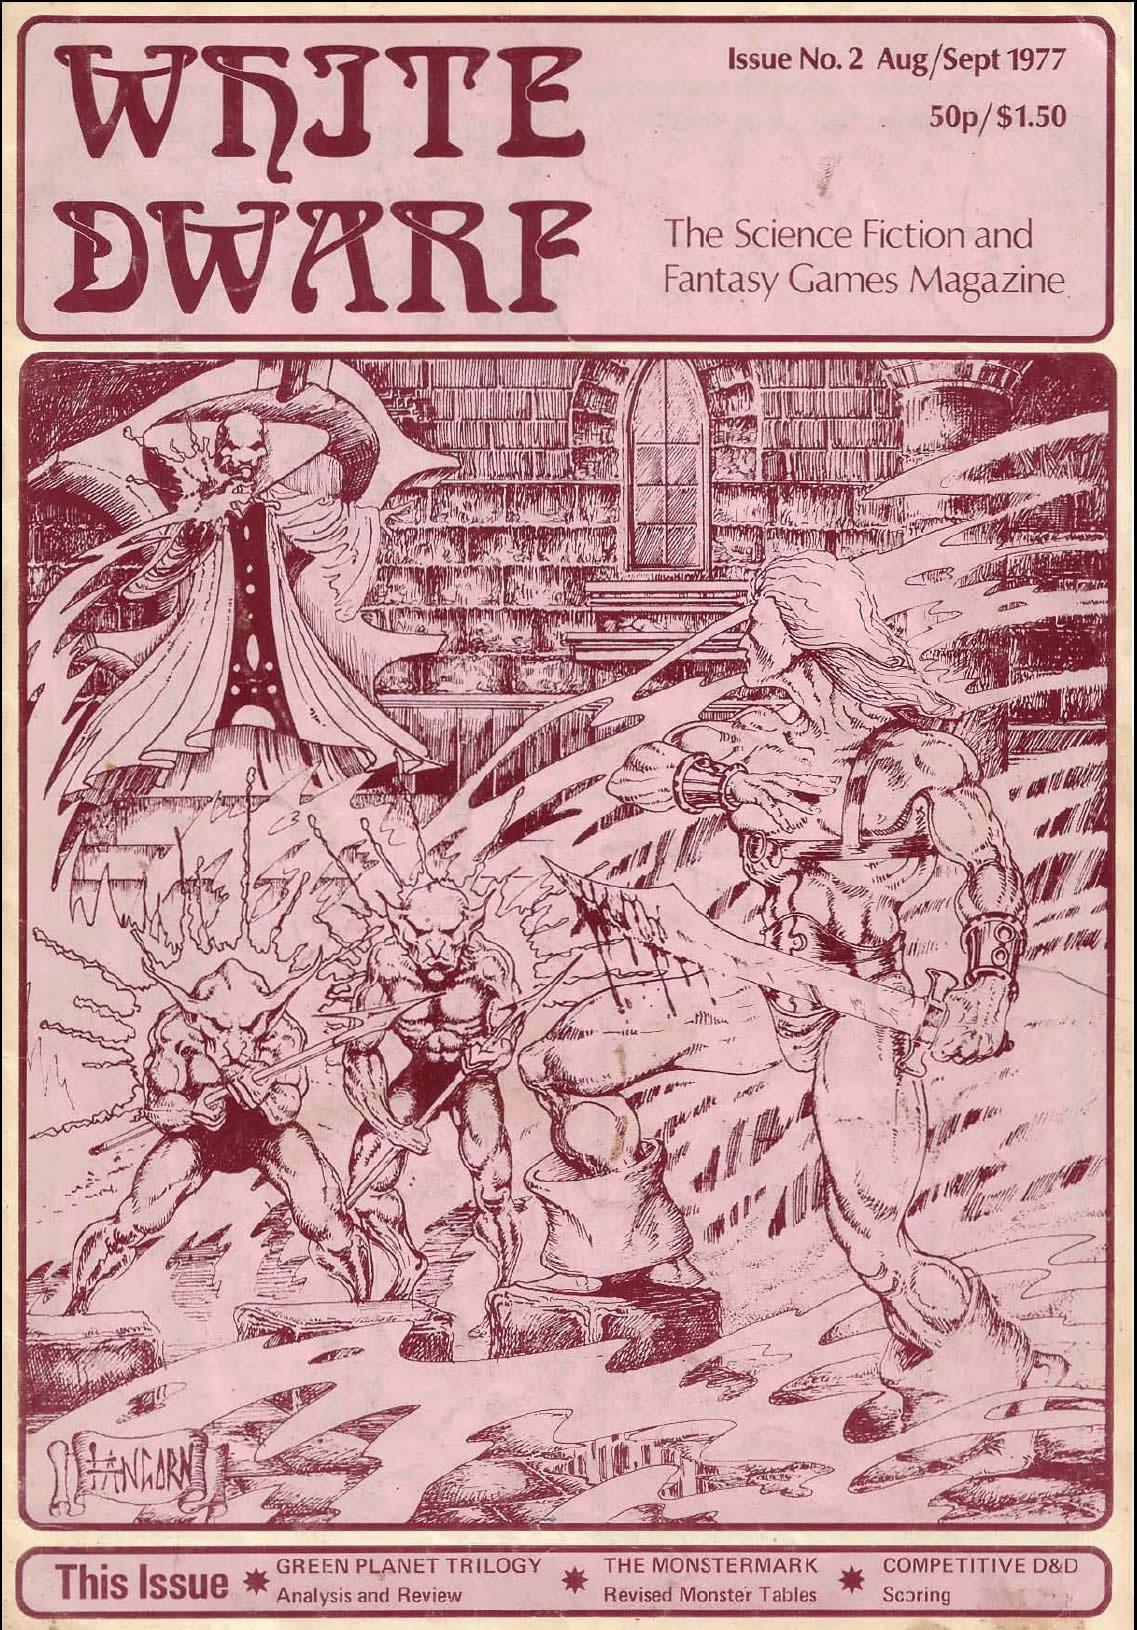 White Dwarf 2